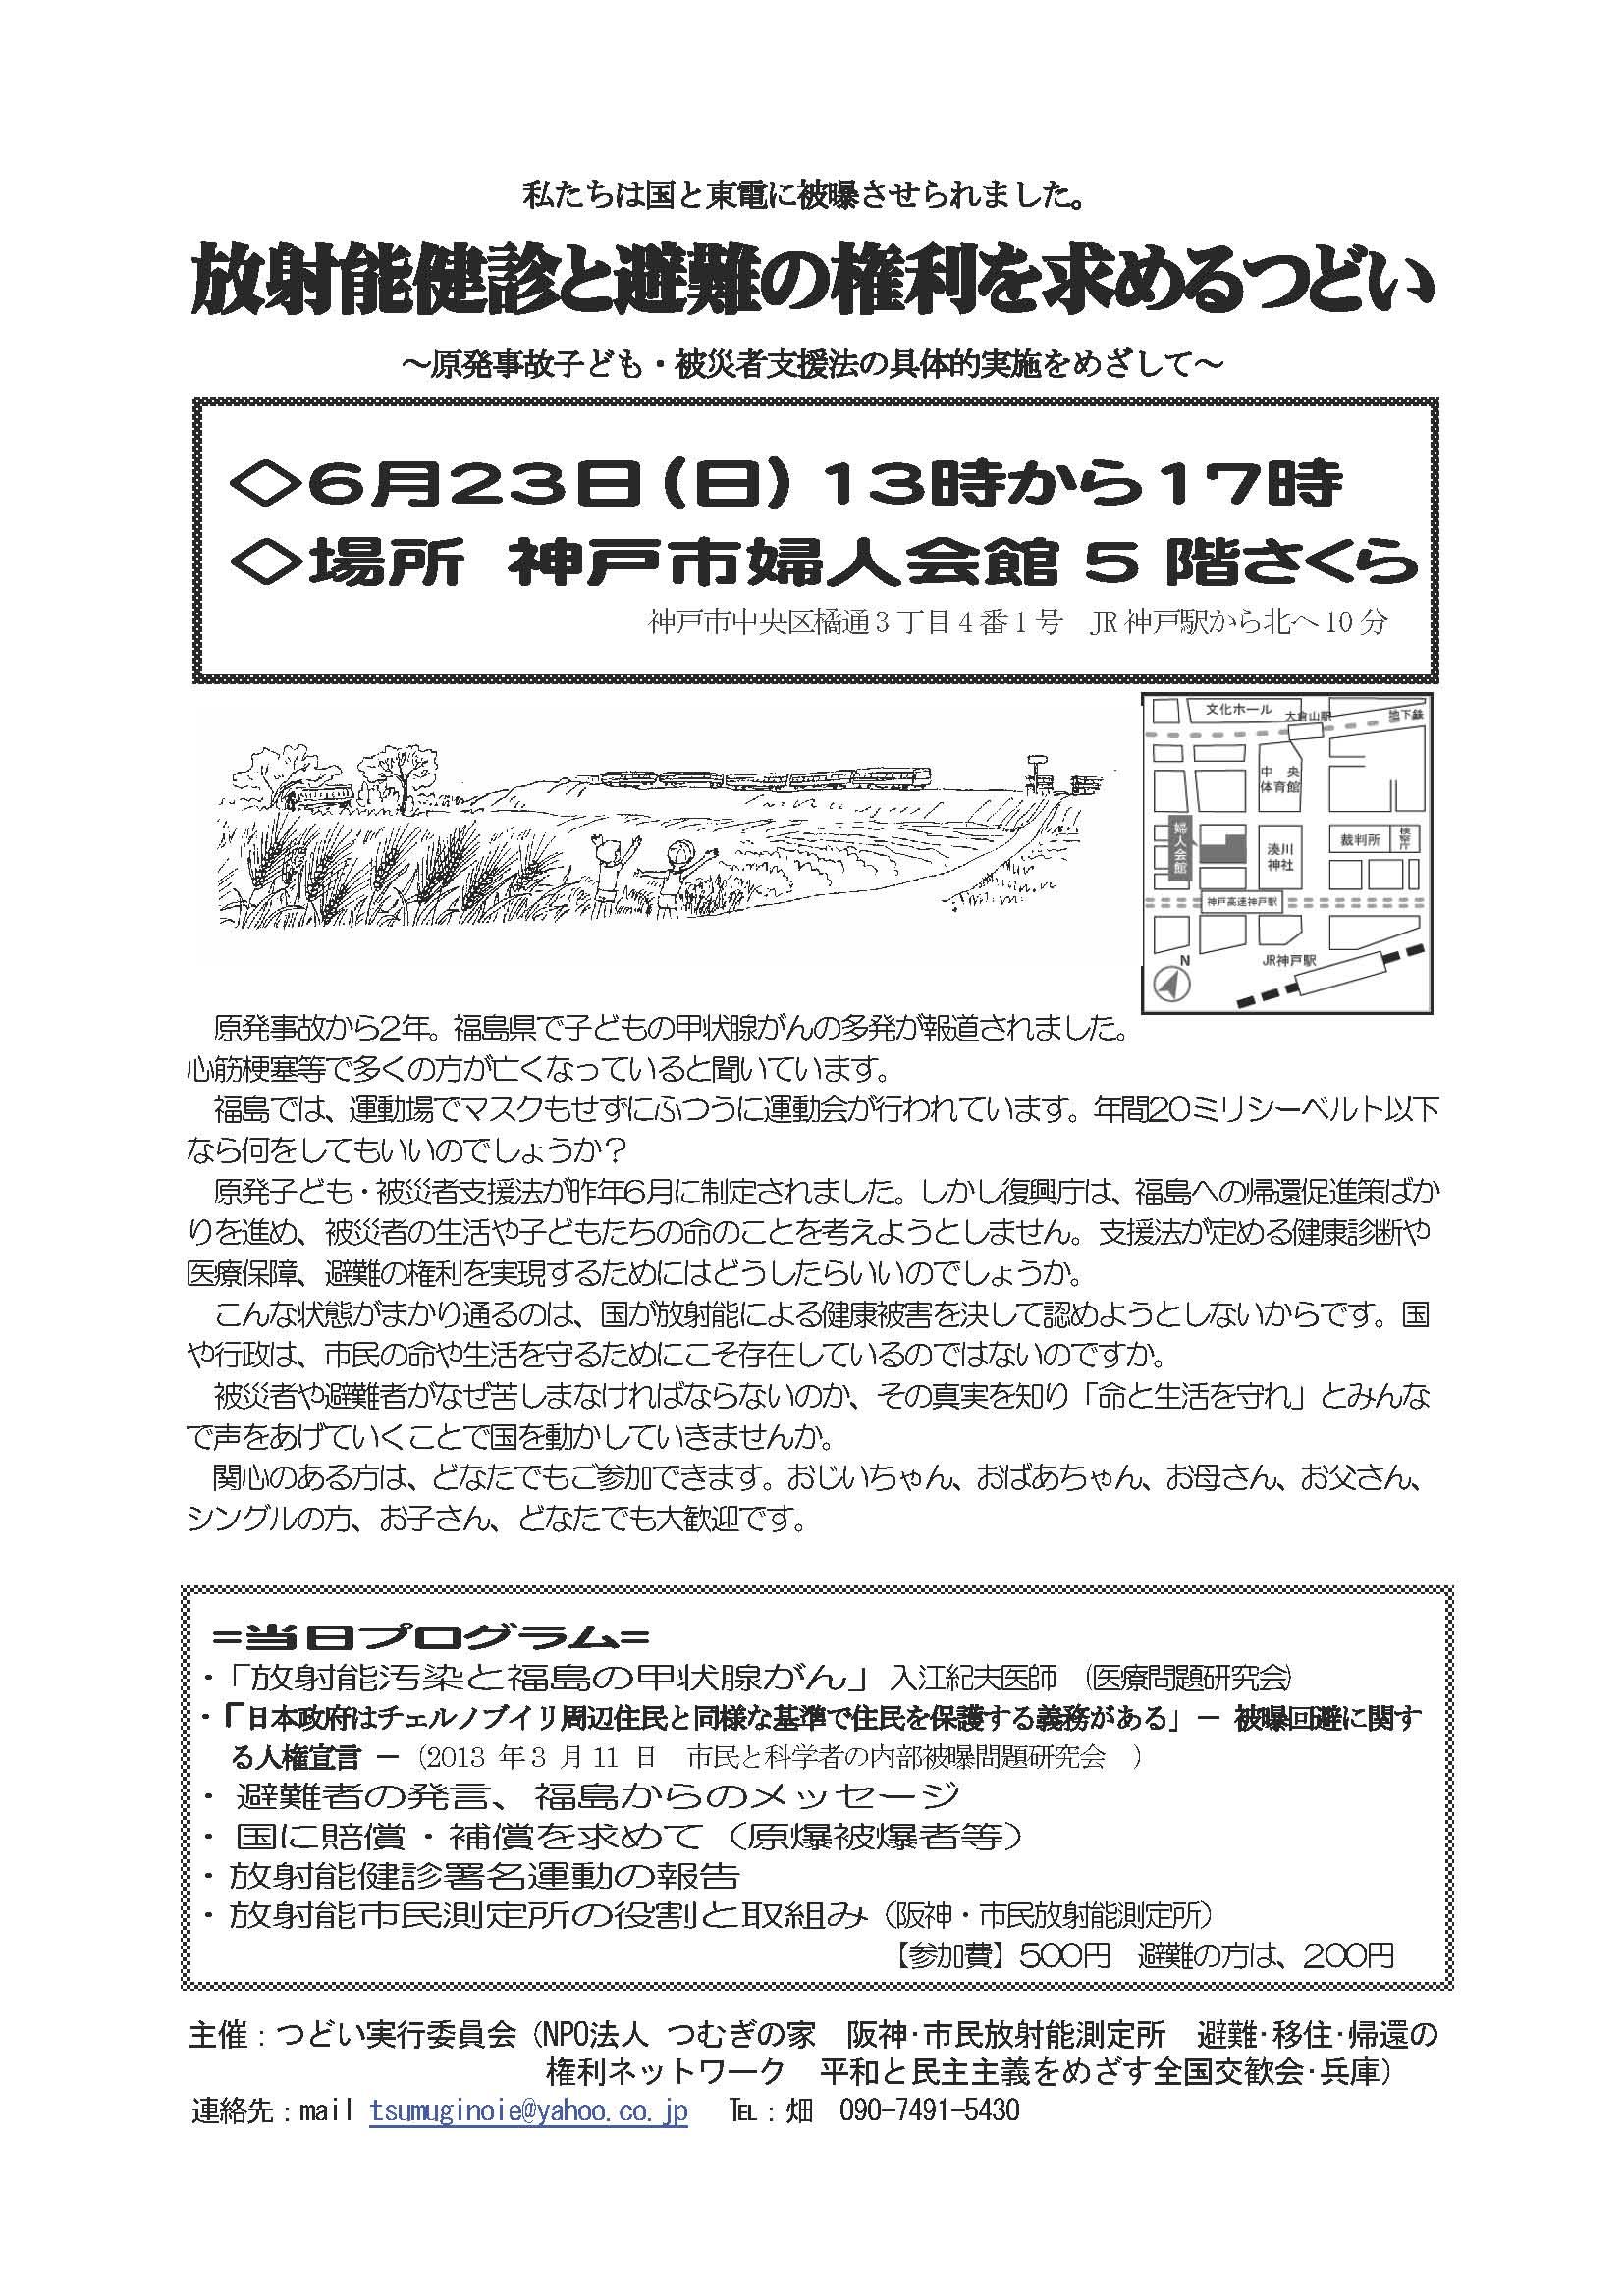 神戸公聴会のちらし【改訂版】_ページ_1